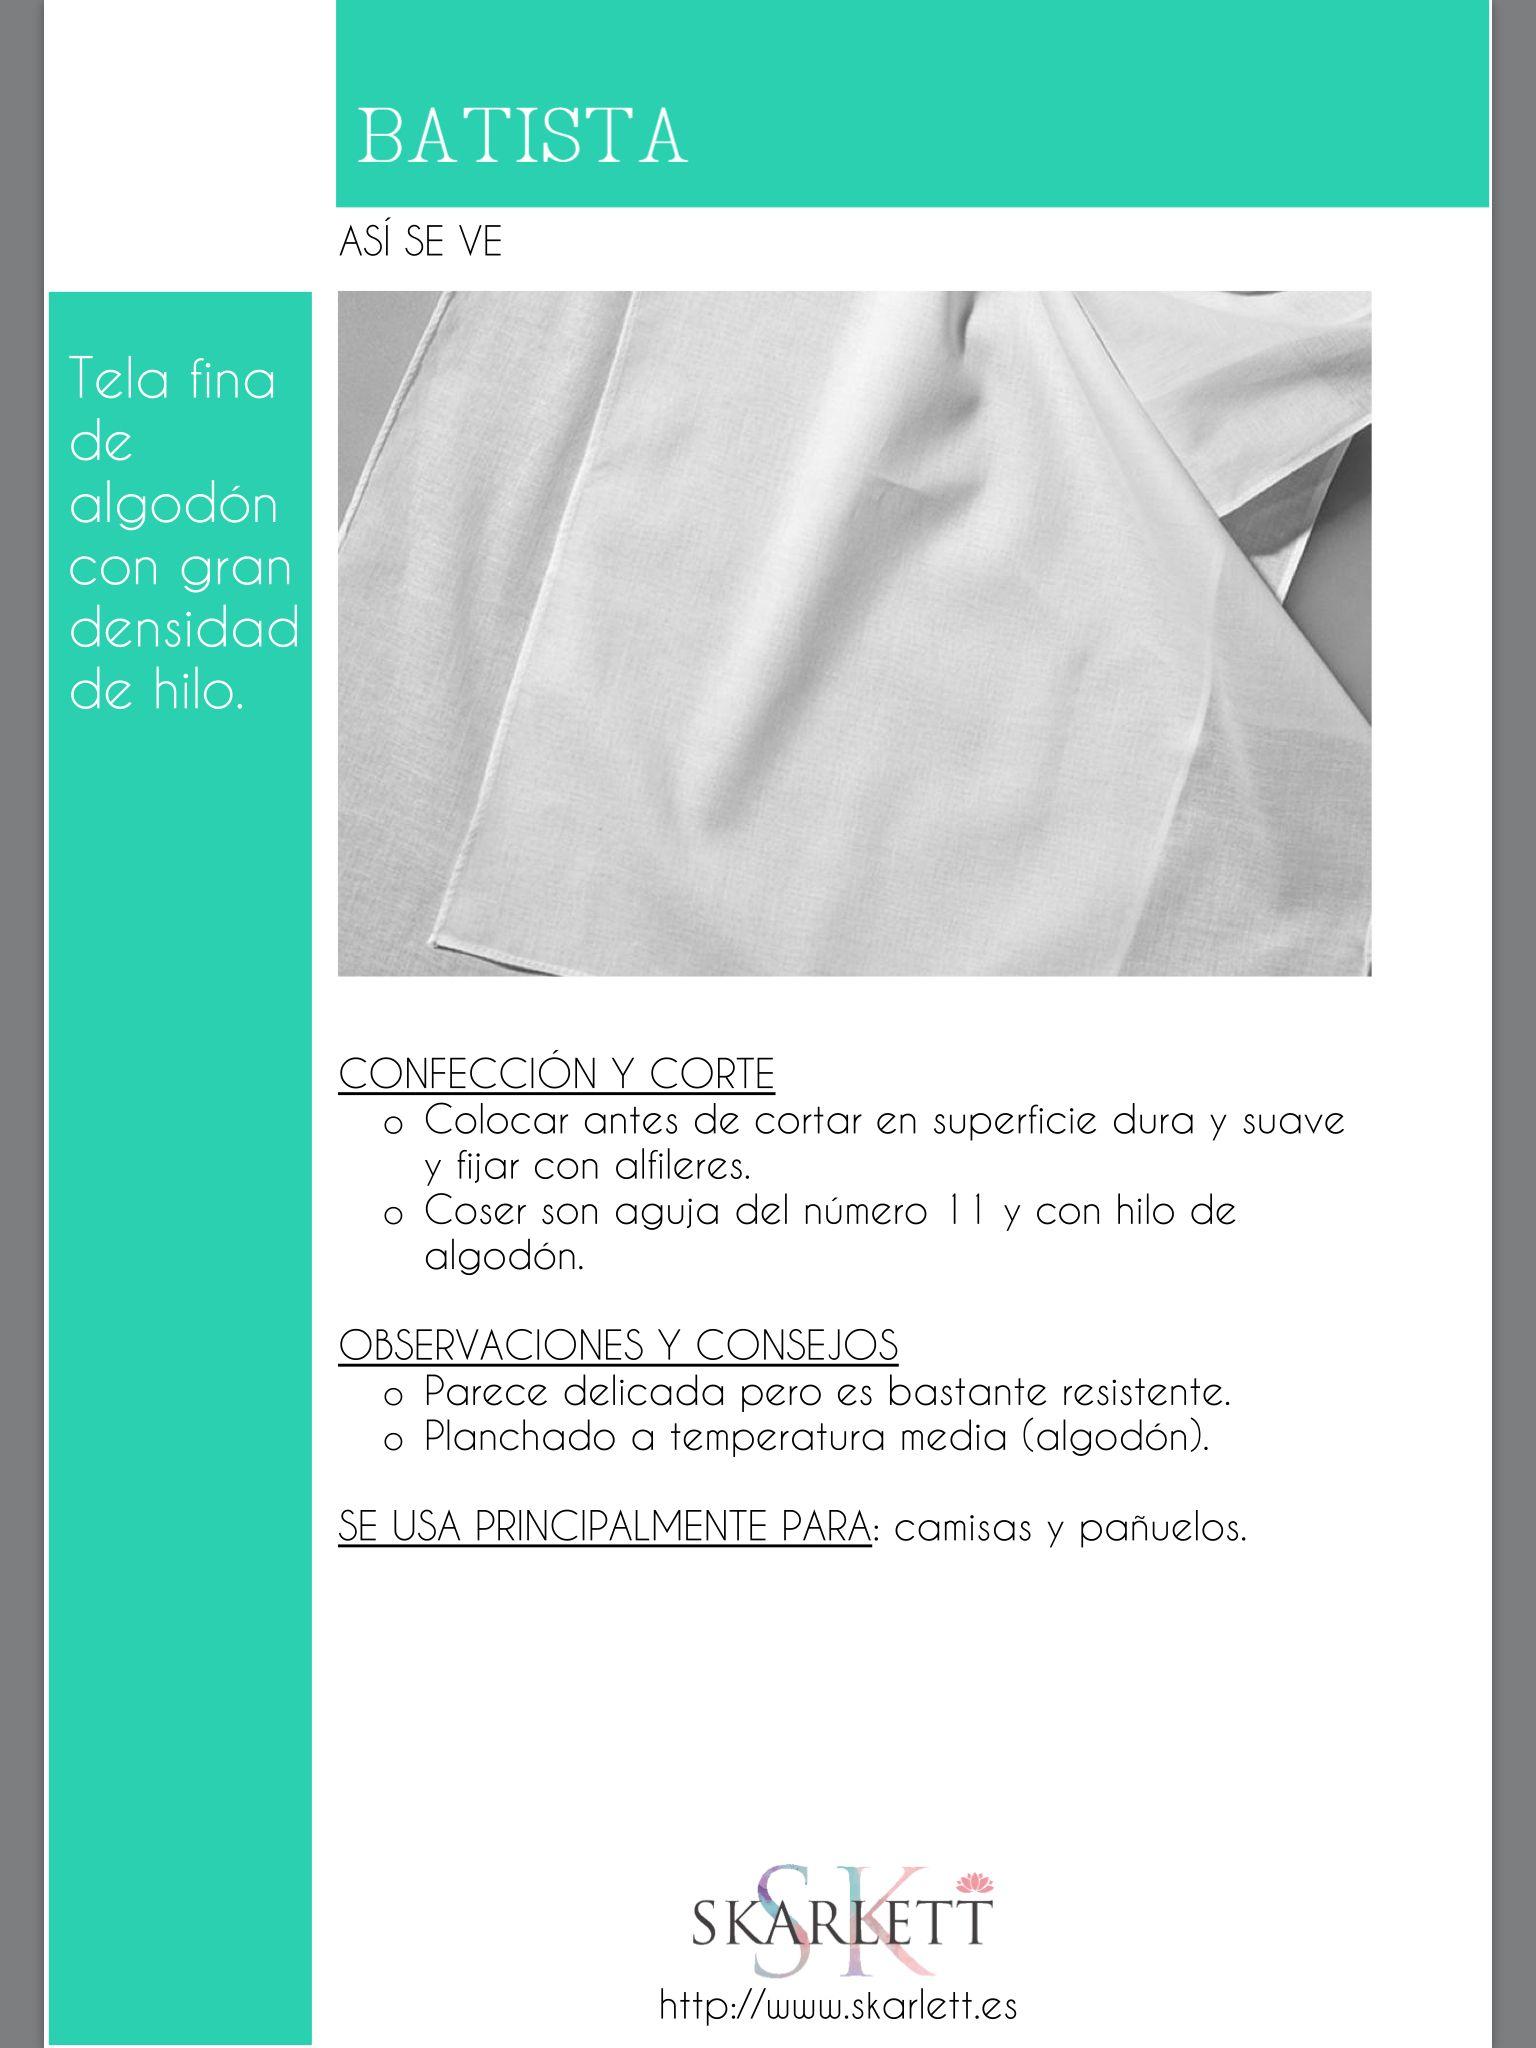 El dossier de las telas Skarlett | Textile Material | Pinterest ...